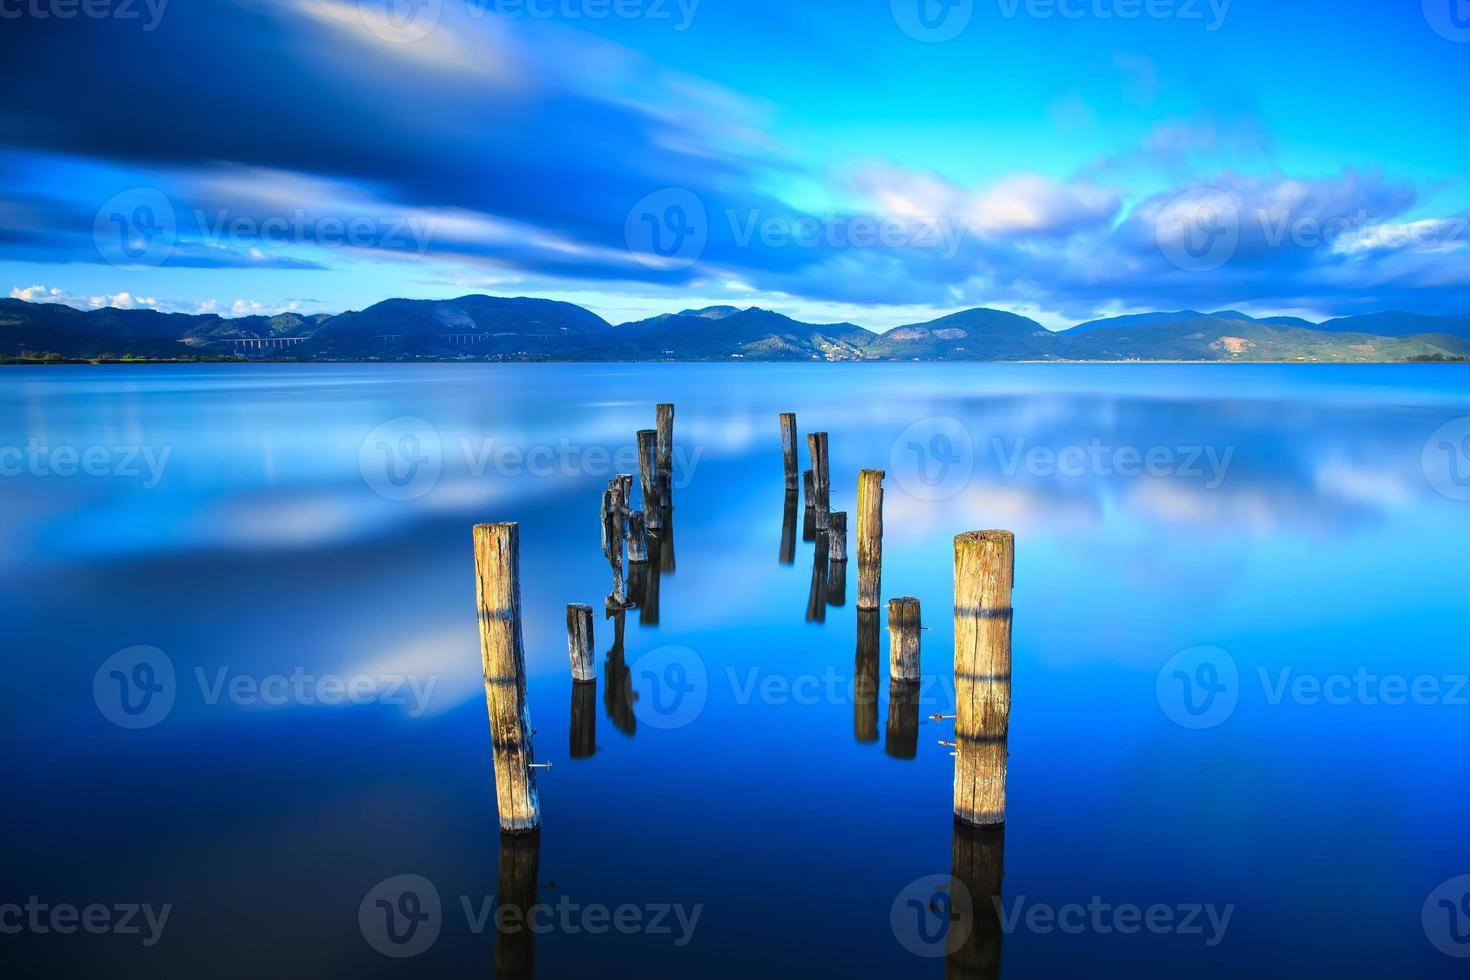 muelle de madera, embarcadero permanece en un lago azul puesta de sol, cielo foto